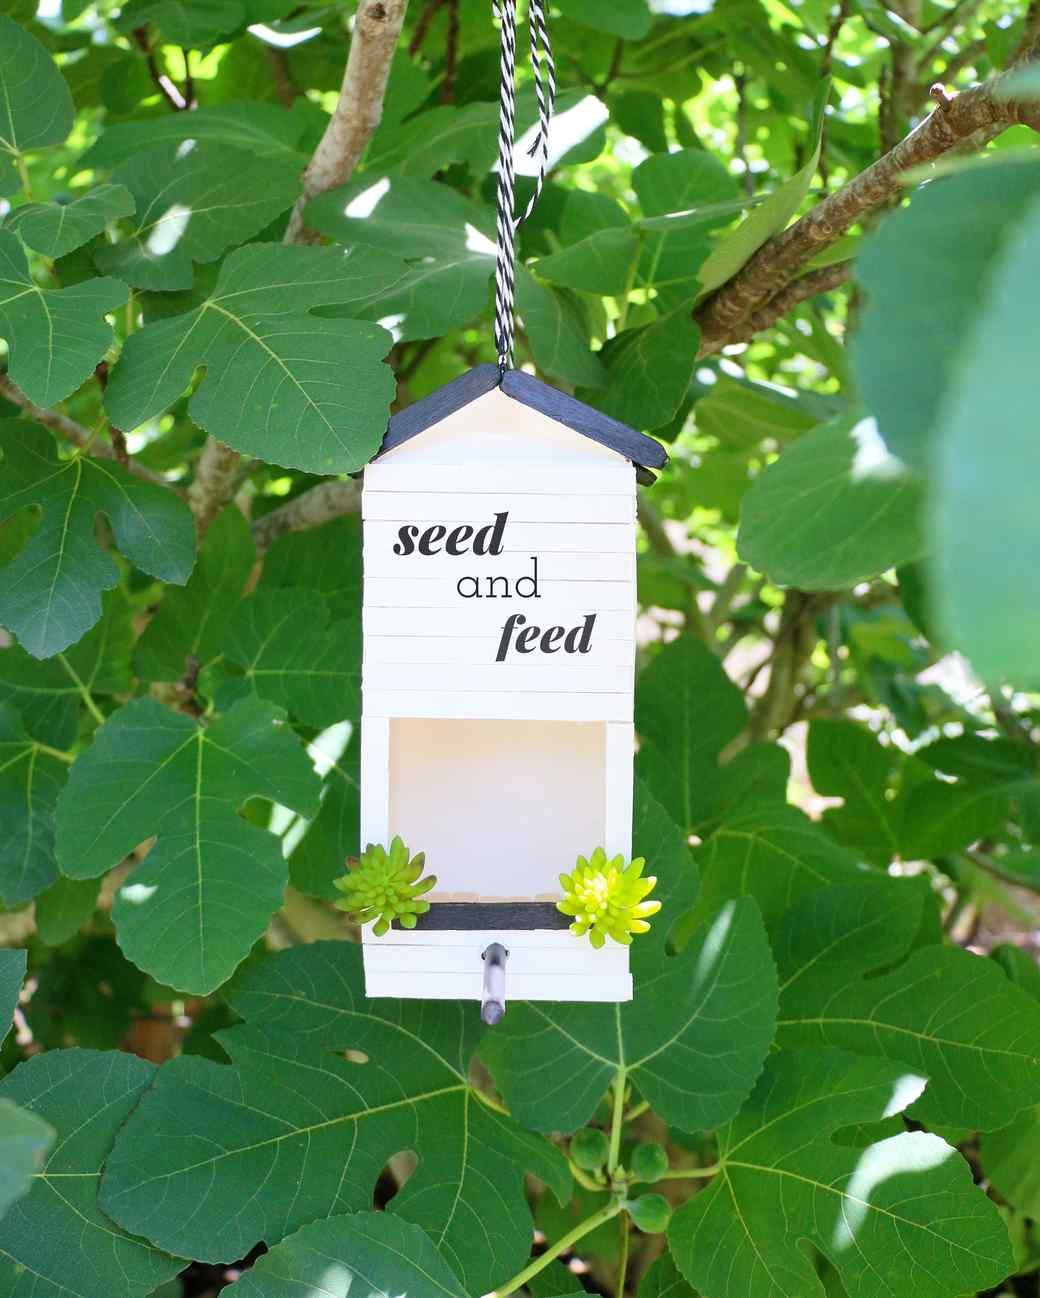 milk carton upcycled into a bird feeder